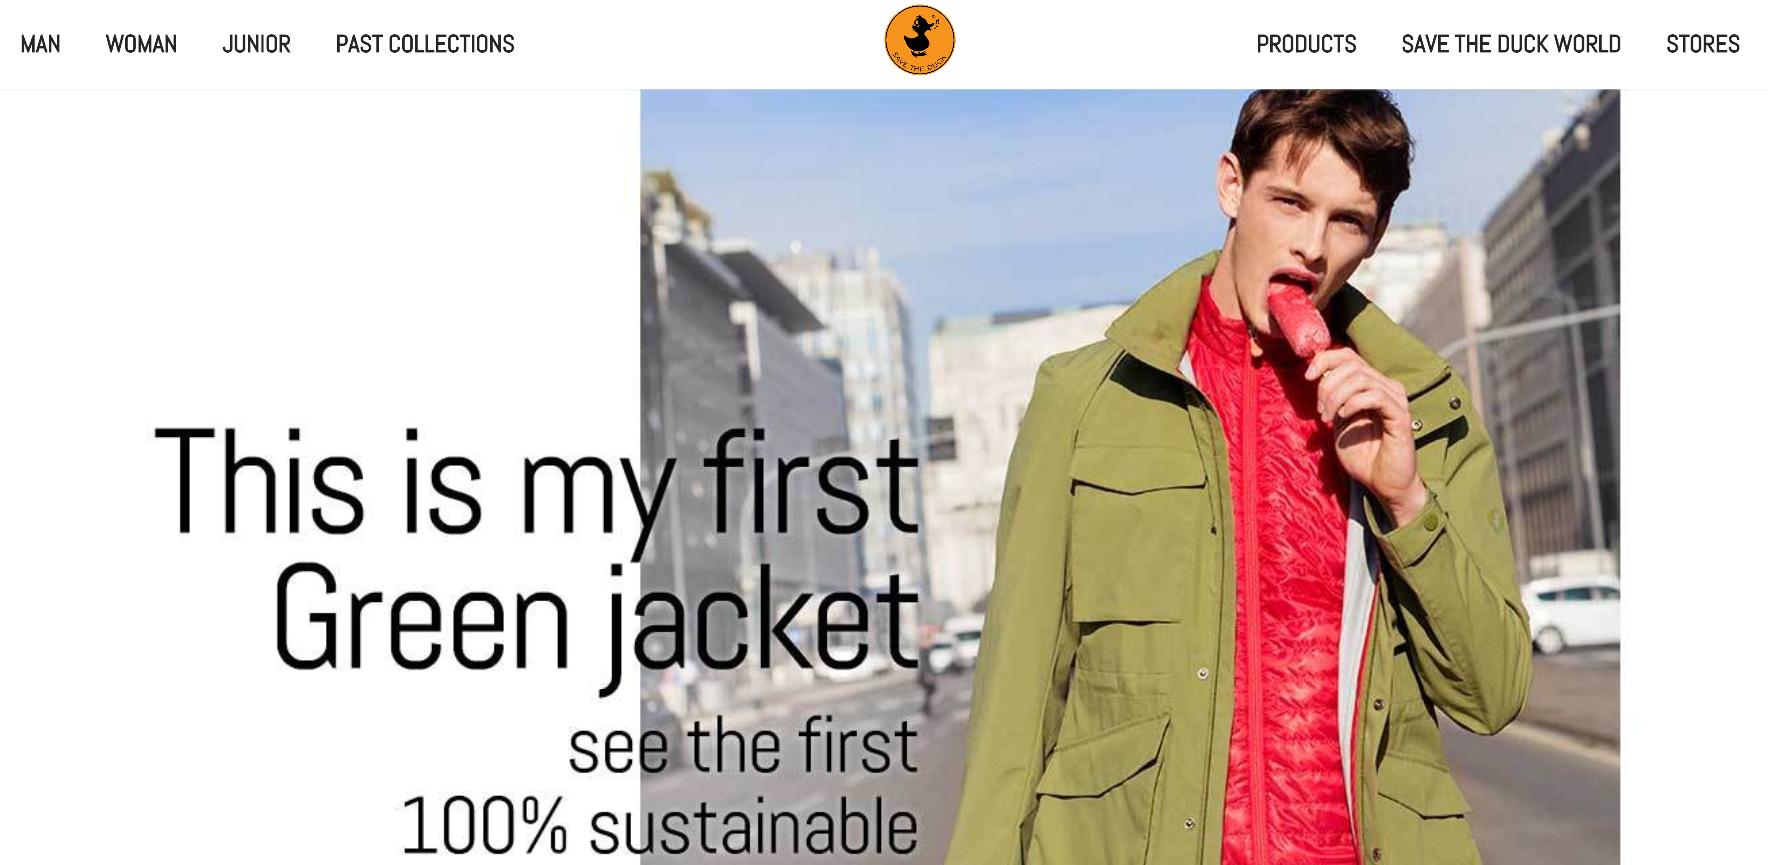 意大利羽绒品牌 Save the Duck 将推出完全不使用动物材质的服装系列